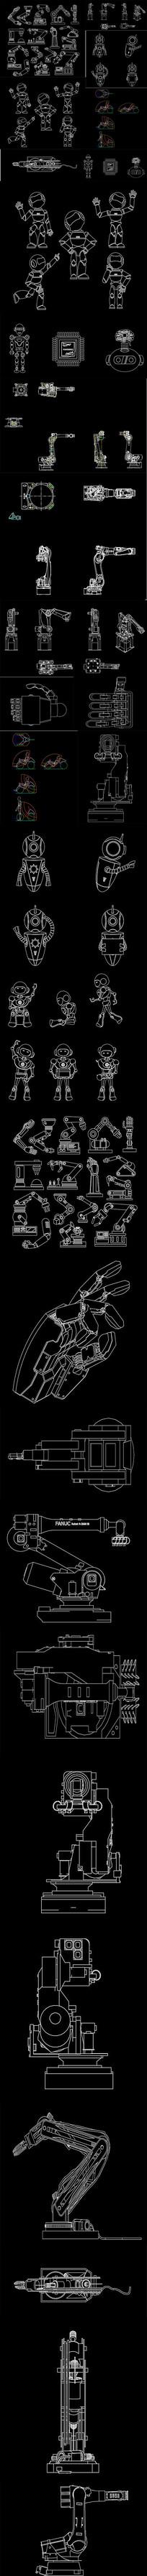 机器人CAD图纸